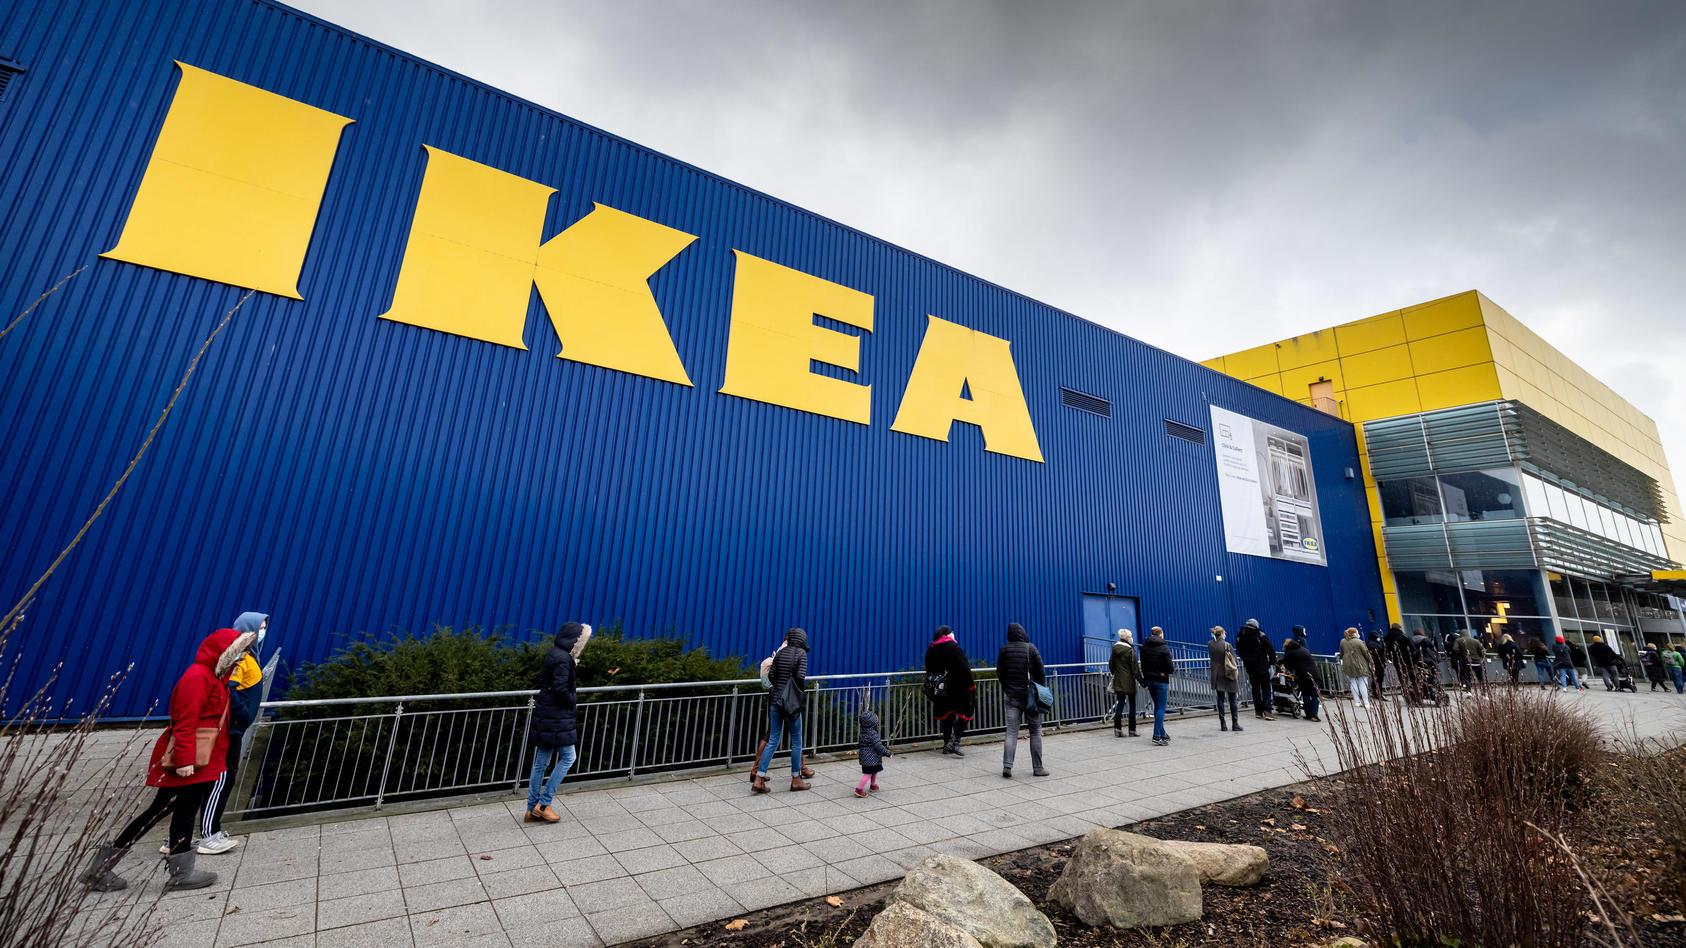 Warteschlange vor einem Ikea-Einrichtungshaus